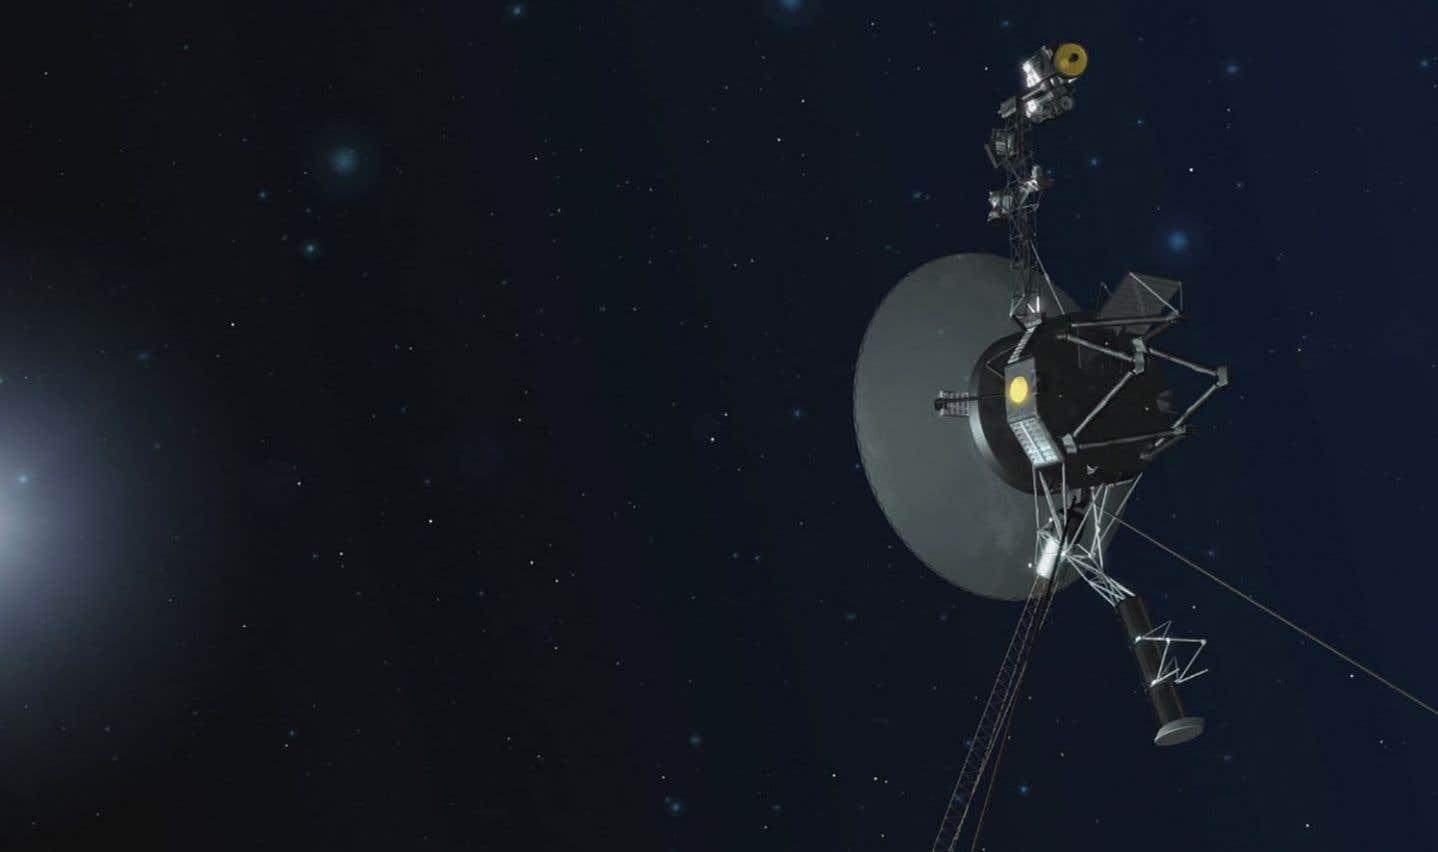 Il y a 40 ans, le lancement des sondes Voyager